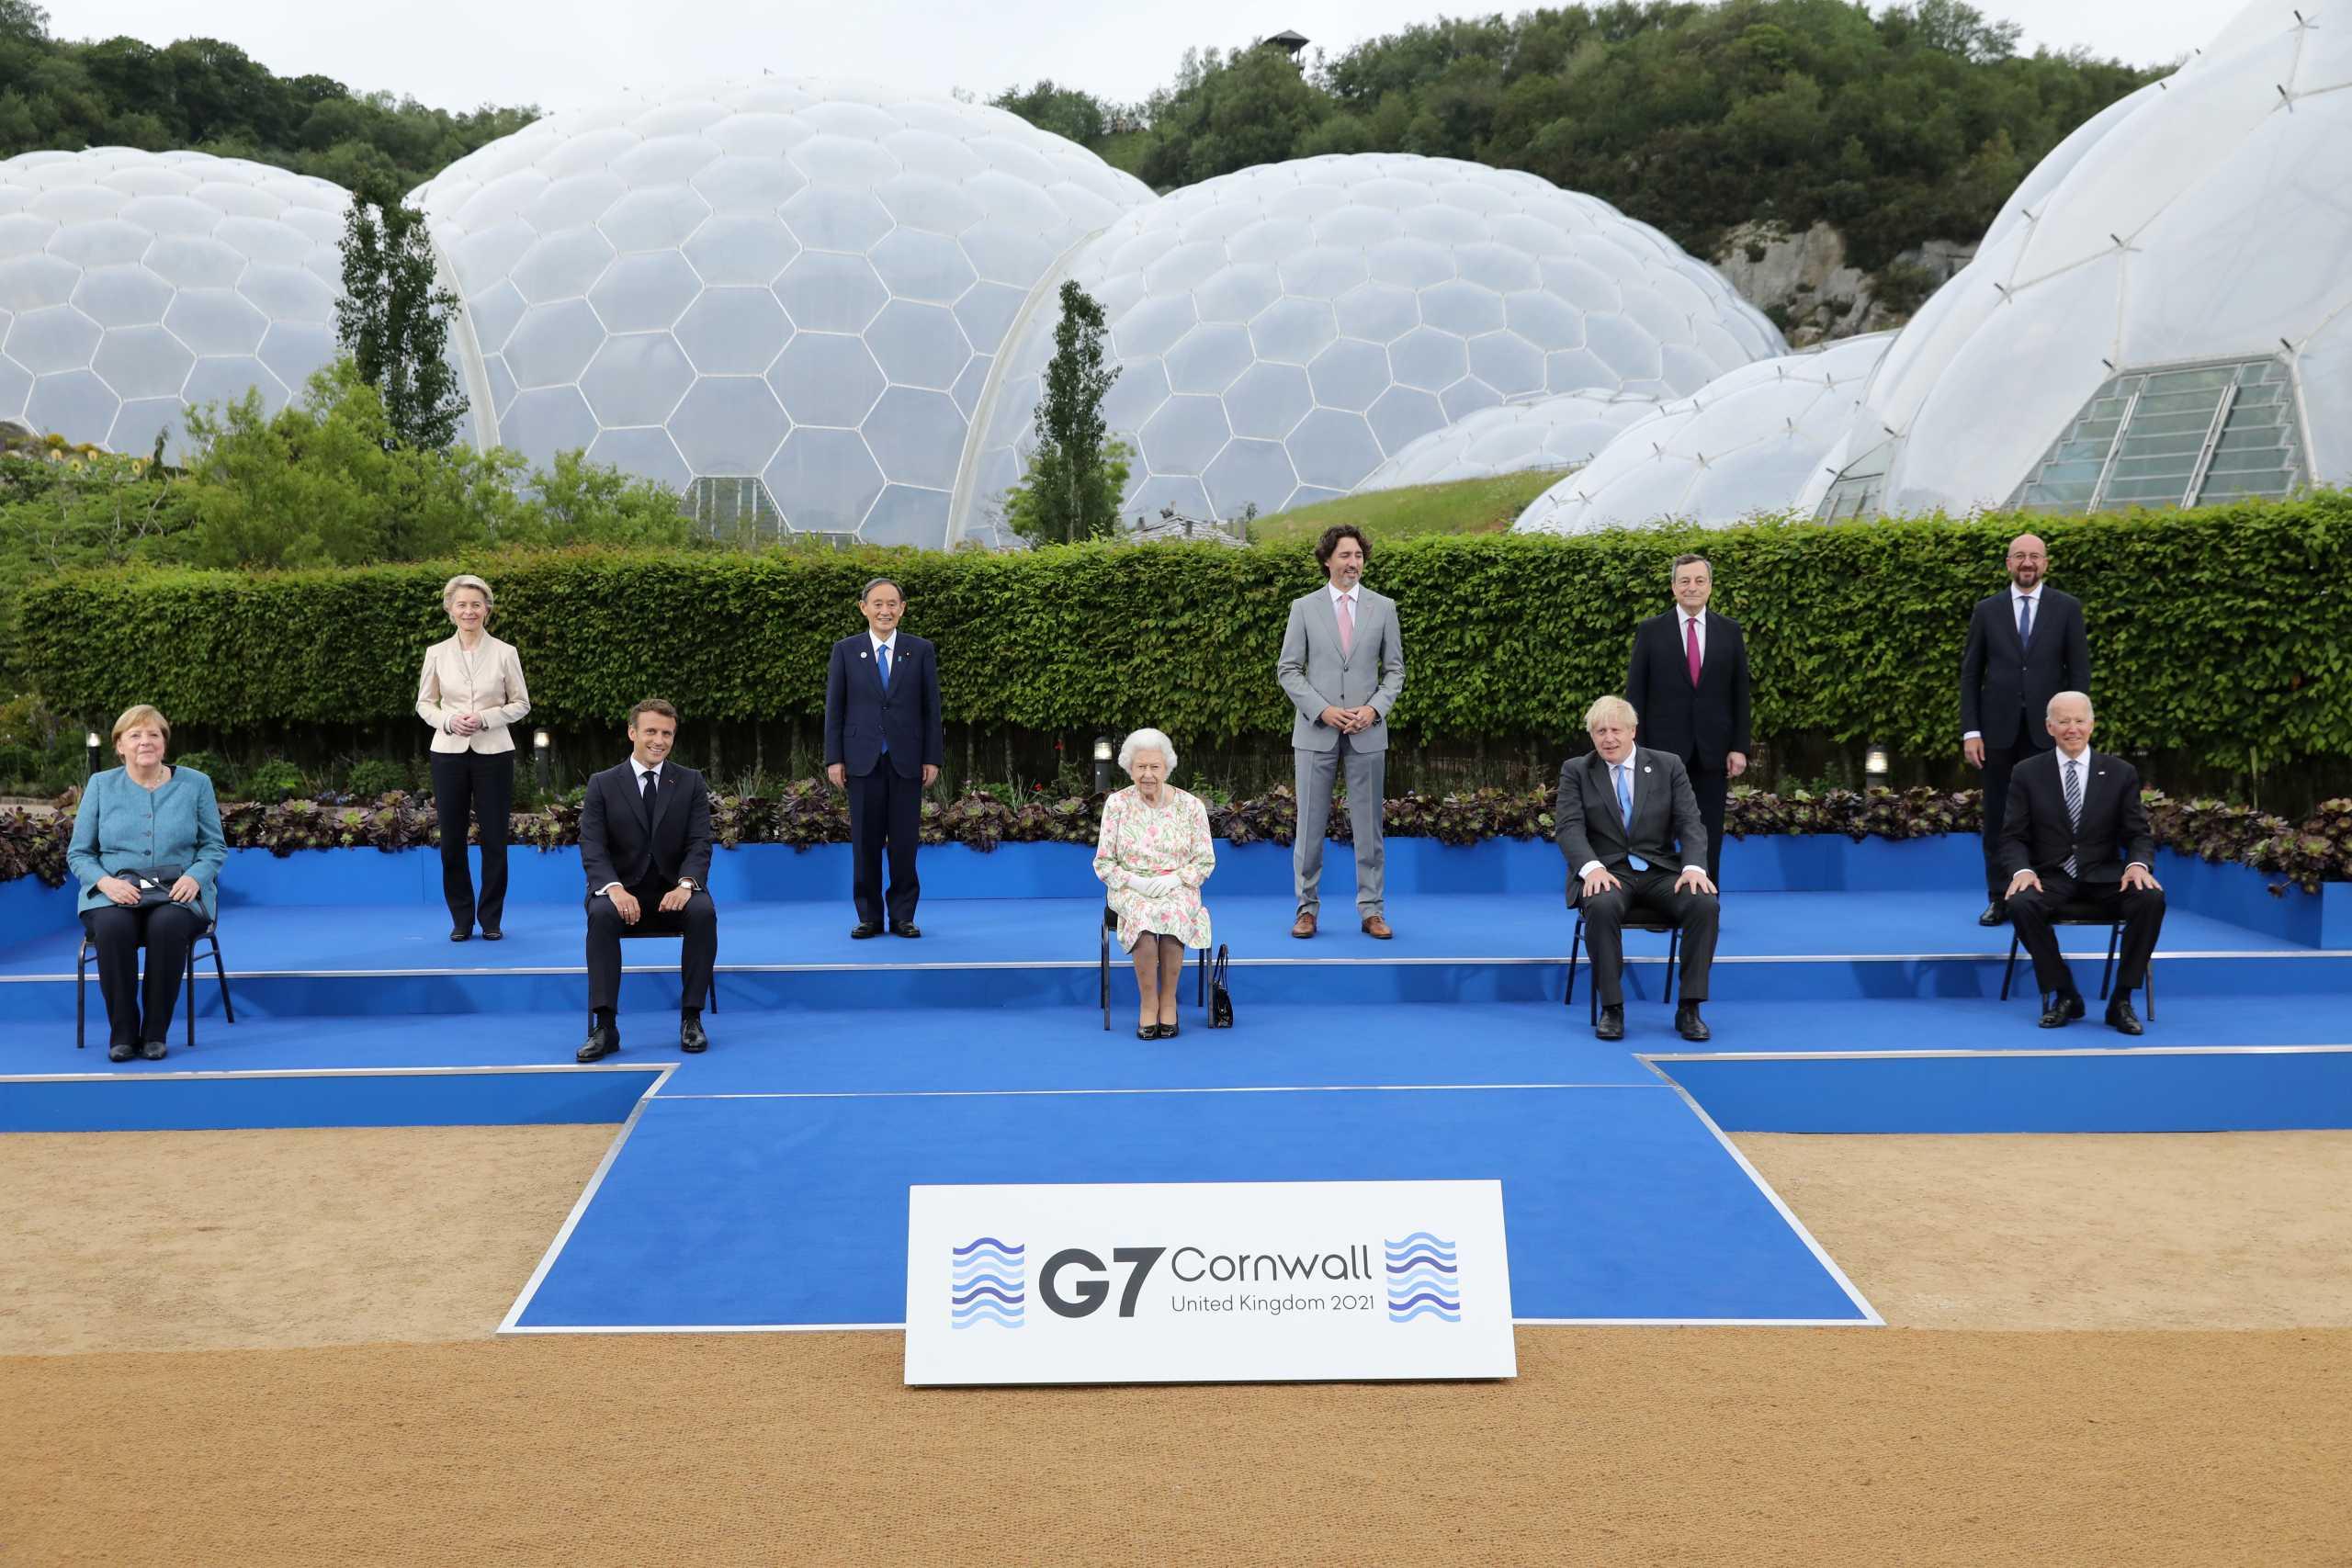 Βρετανία: Δεξίωση από τη βασίλισσα Ελισάβετ στους ηγέτες της G7